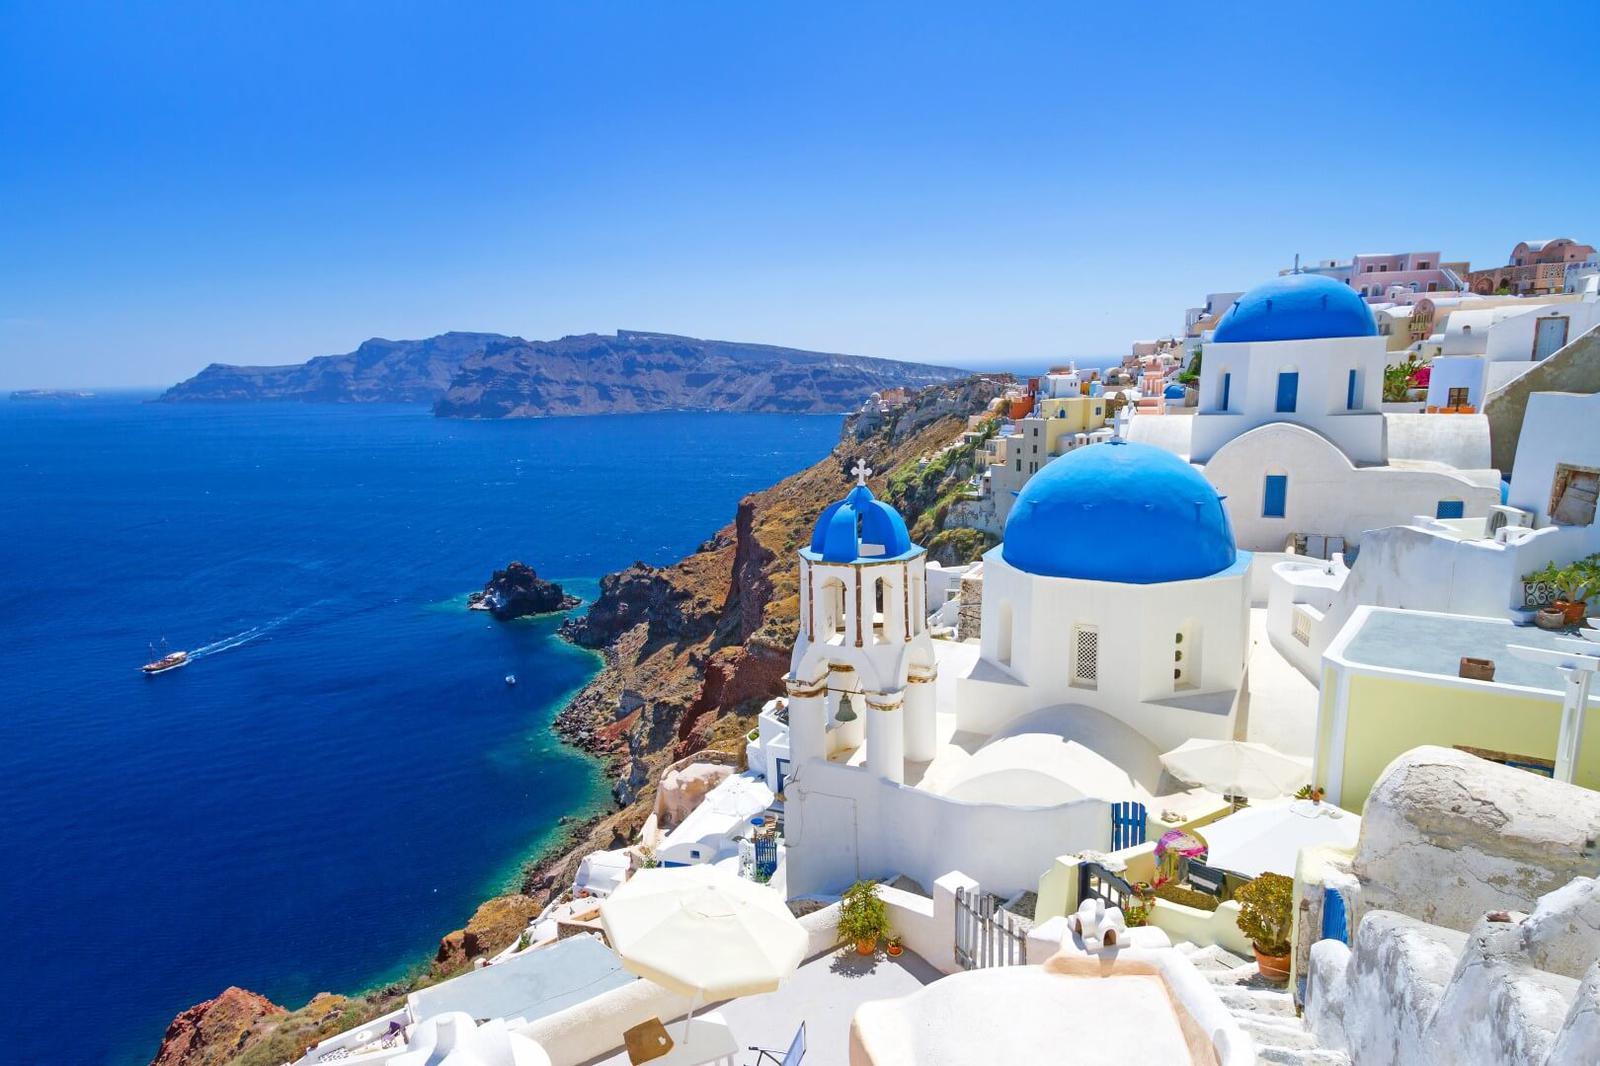 Greece_Santorini_Fotolia2-1.jpg